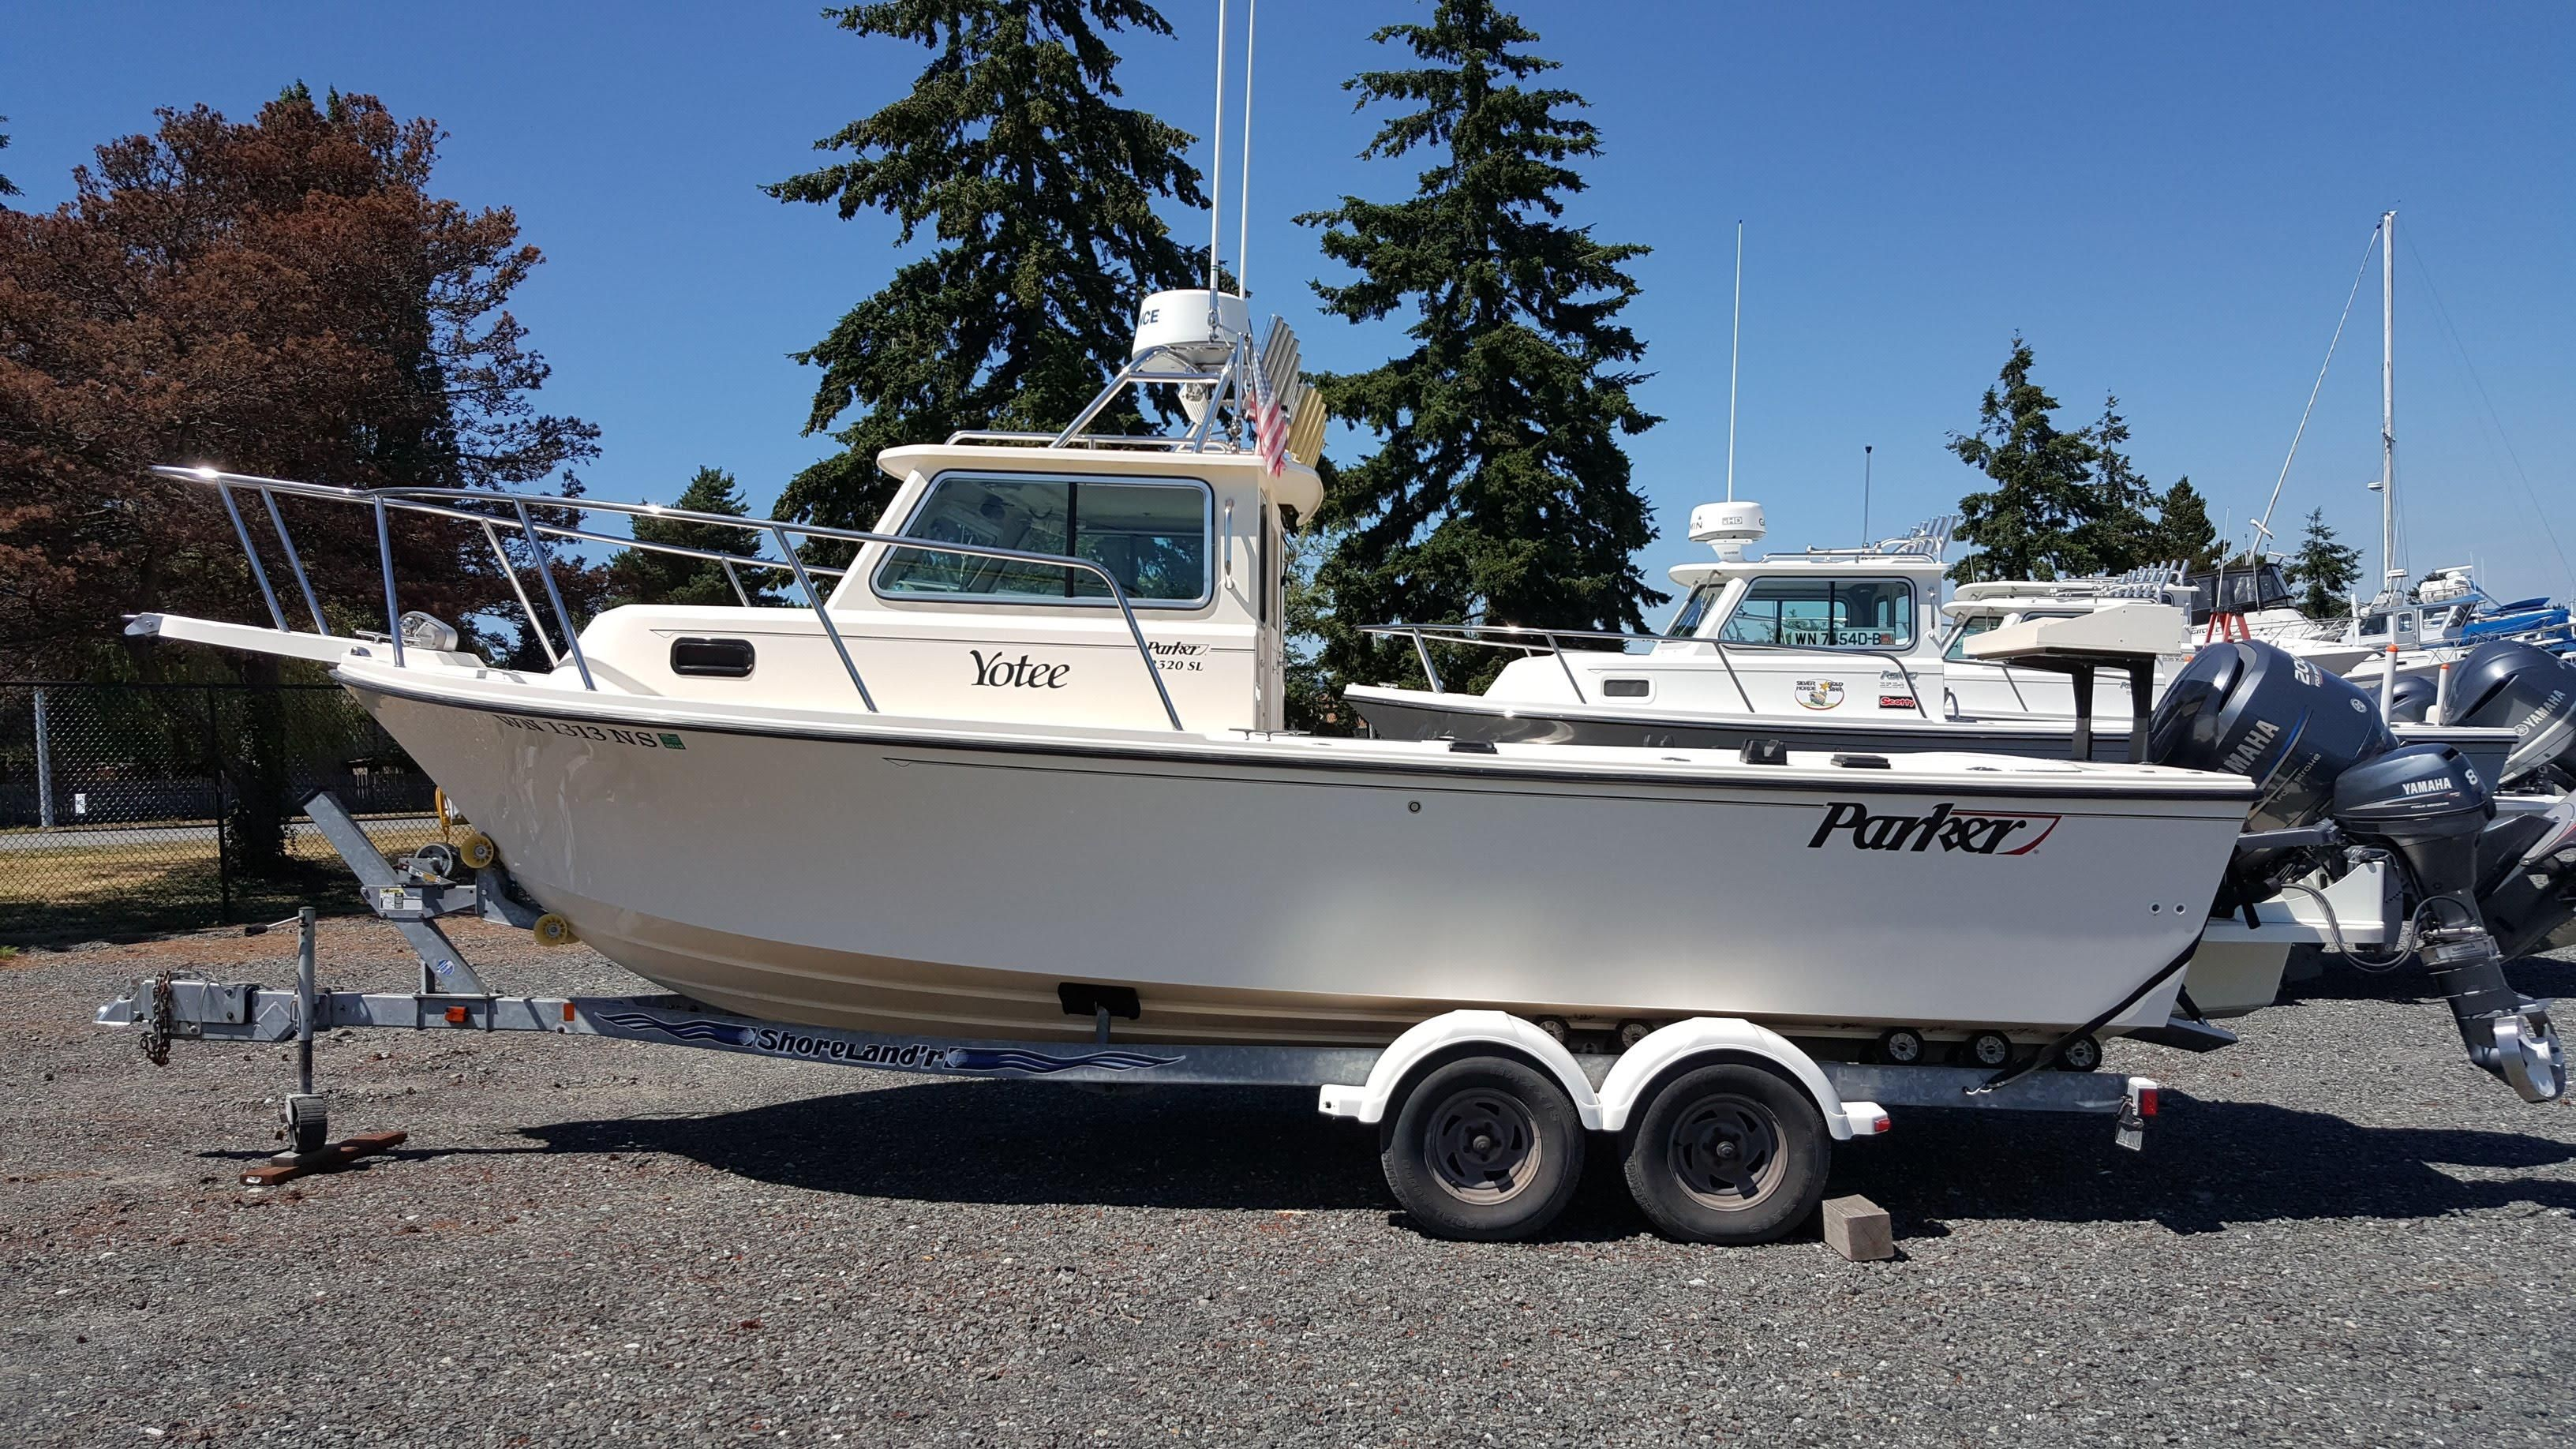 2005 Parker 2320 Sl Sport Cabin Power Boat For Sale Marine Fuel Filter